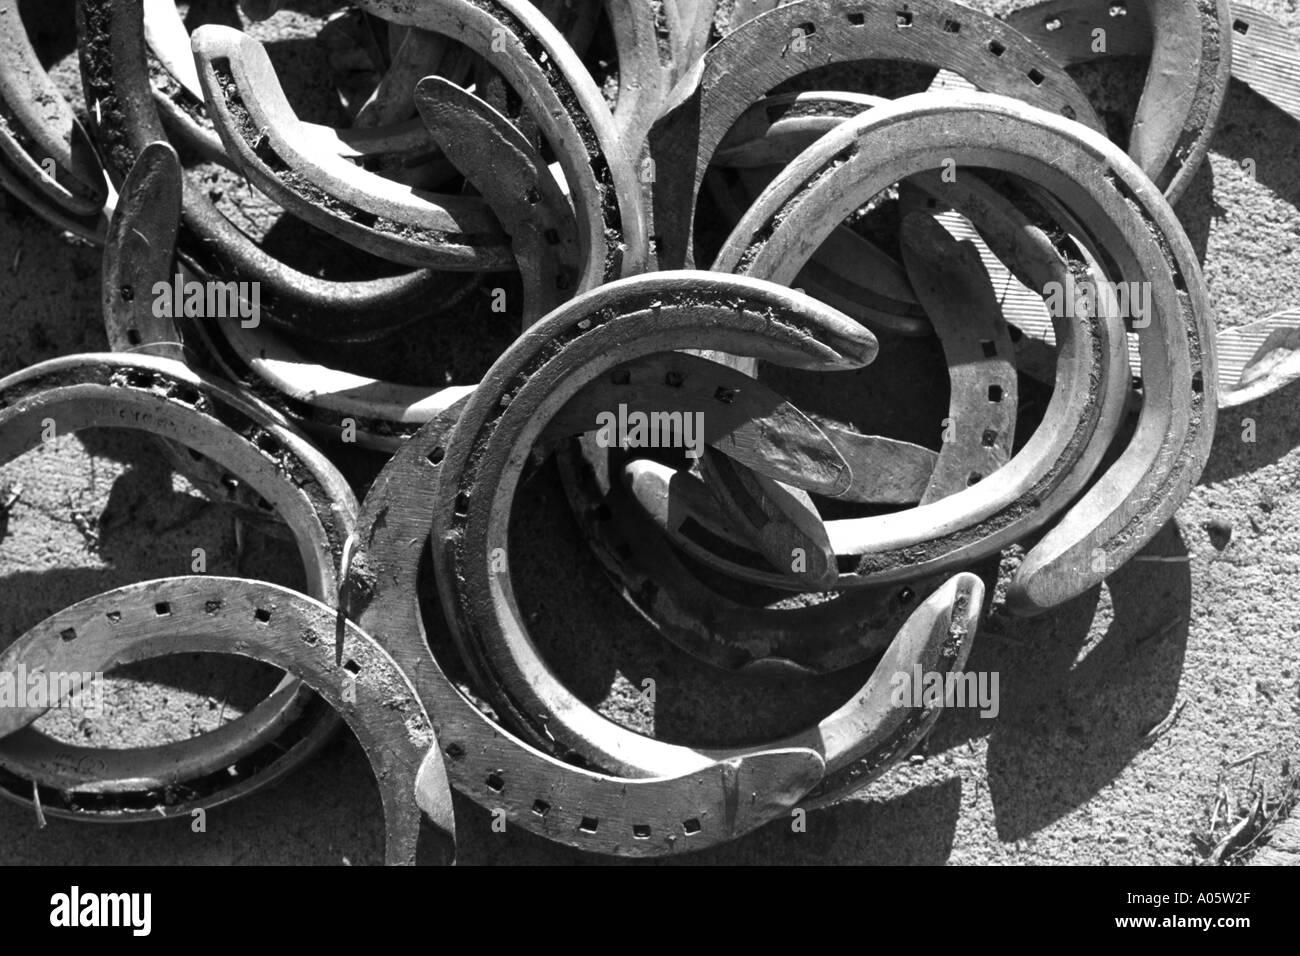 black and white of horseshoes - Stock Image